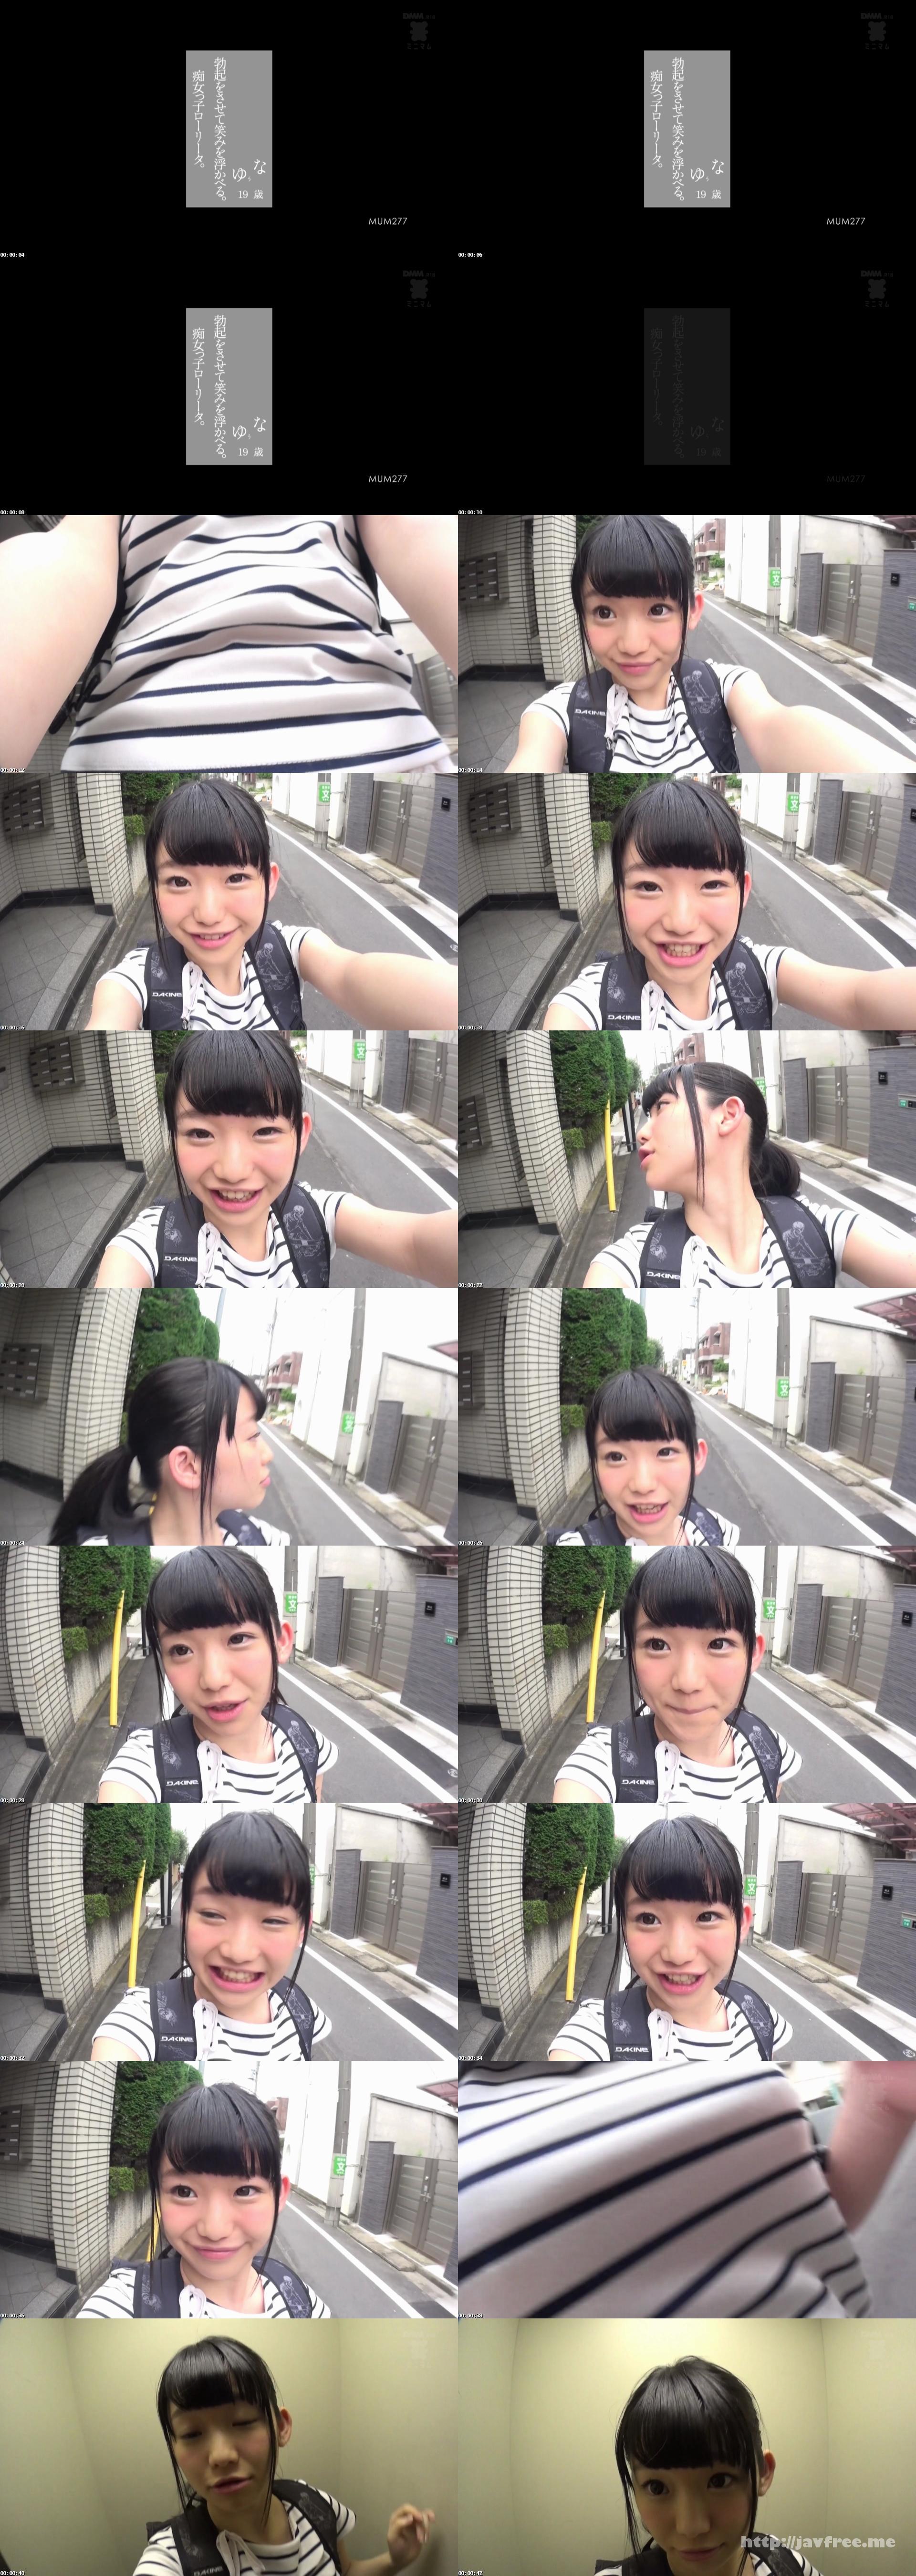 [MUM-277] 勃起をさせて笑みを浮かべる。痴女っ子ローリータ。 姫川ゆうな